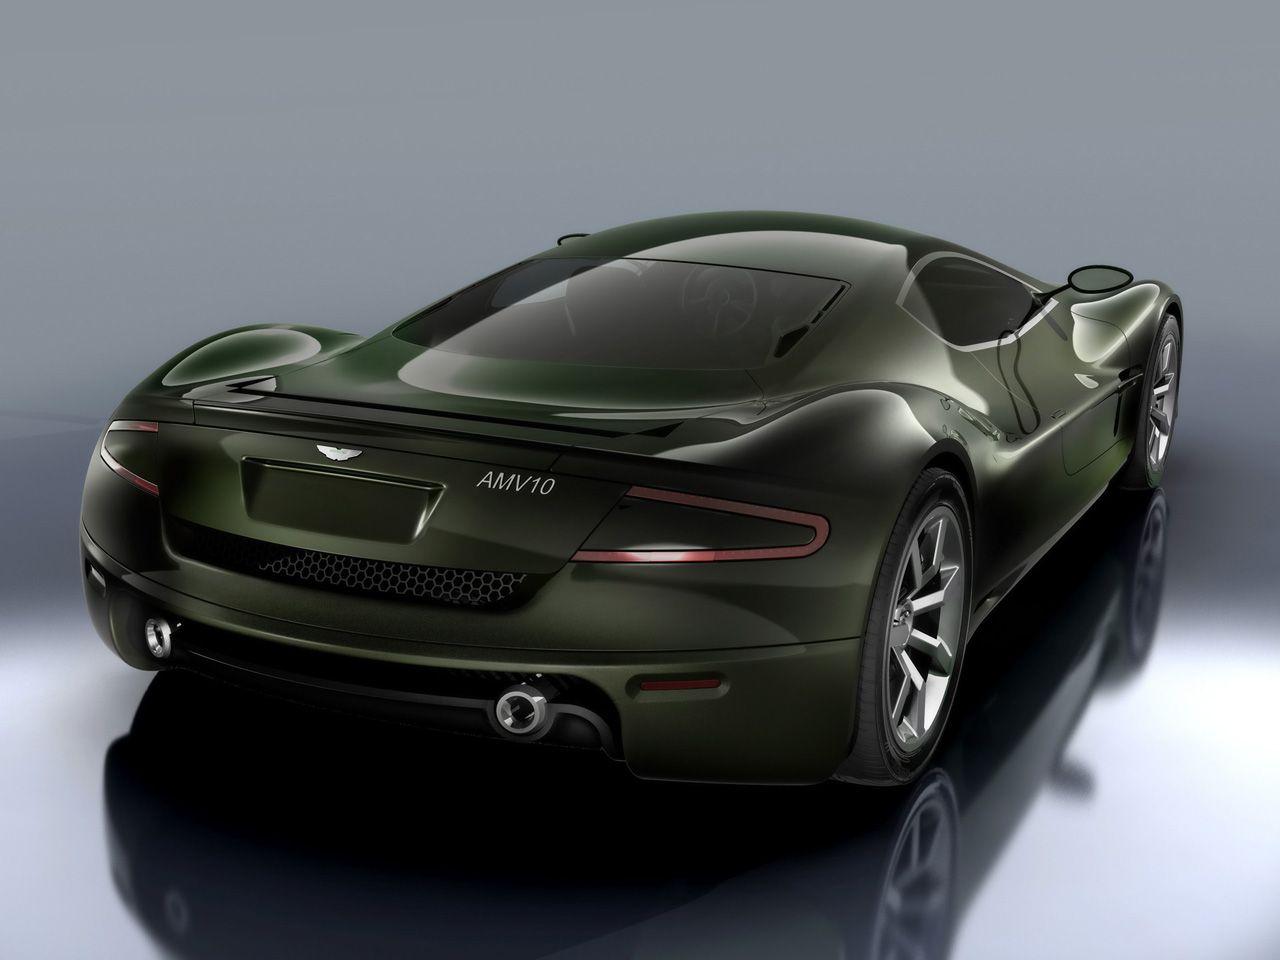 Great 2008 Sabino Design Aston Martin AMV10 Concept   Rear Angle 2   1280x960    Wallpaper